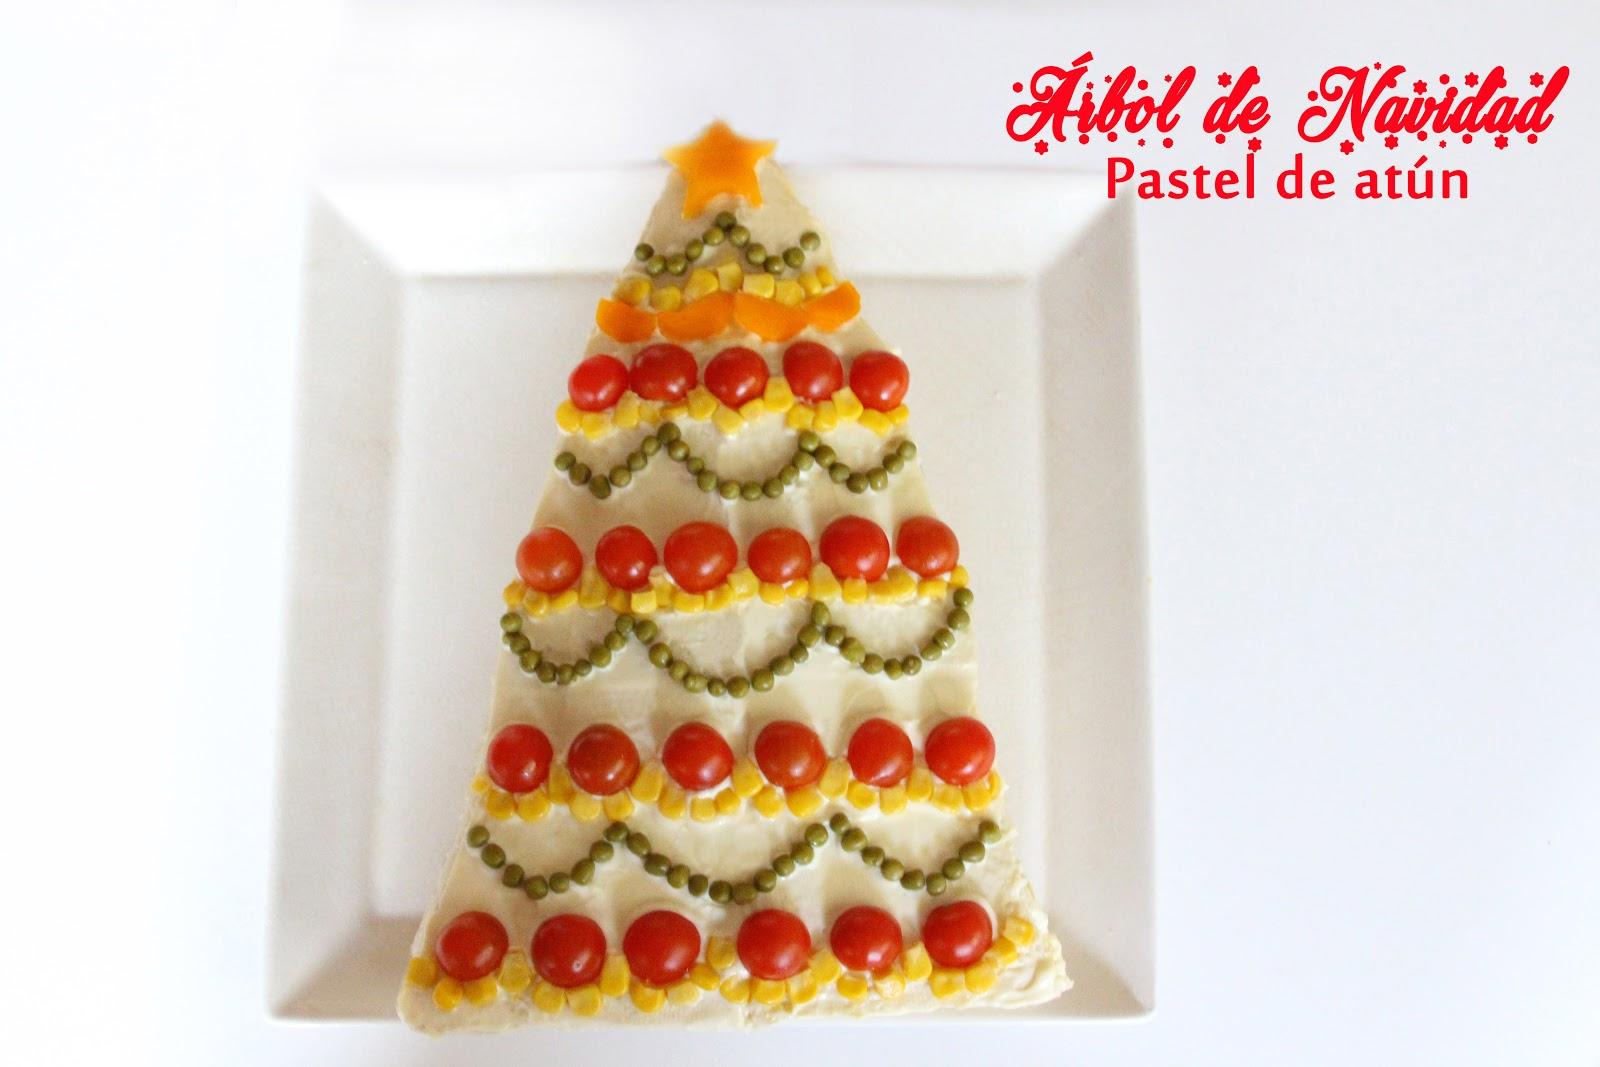 Mardefiesta Pastel De Atun Arbol De Navidad